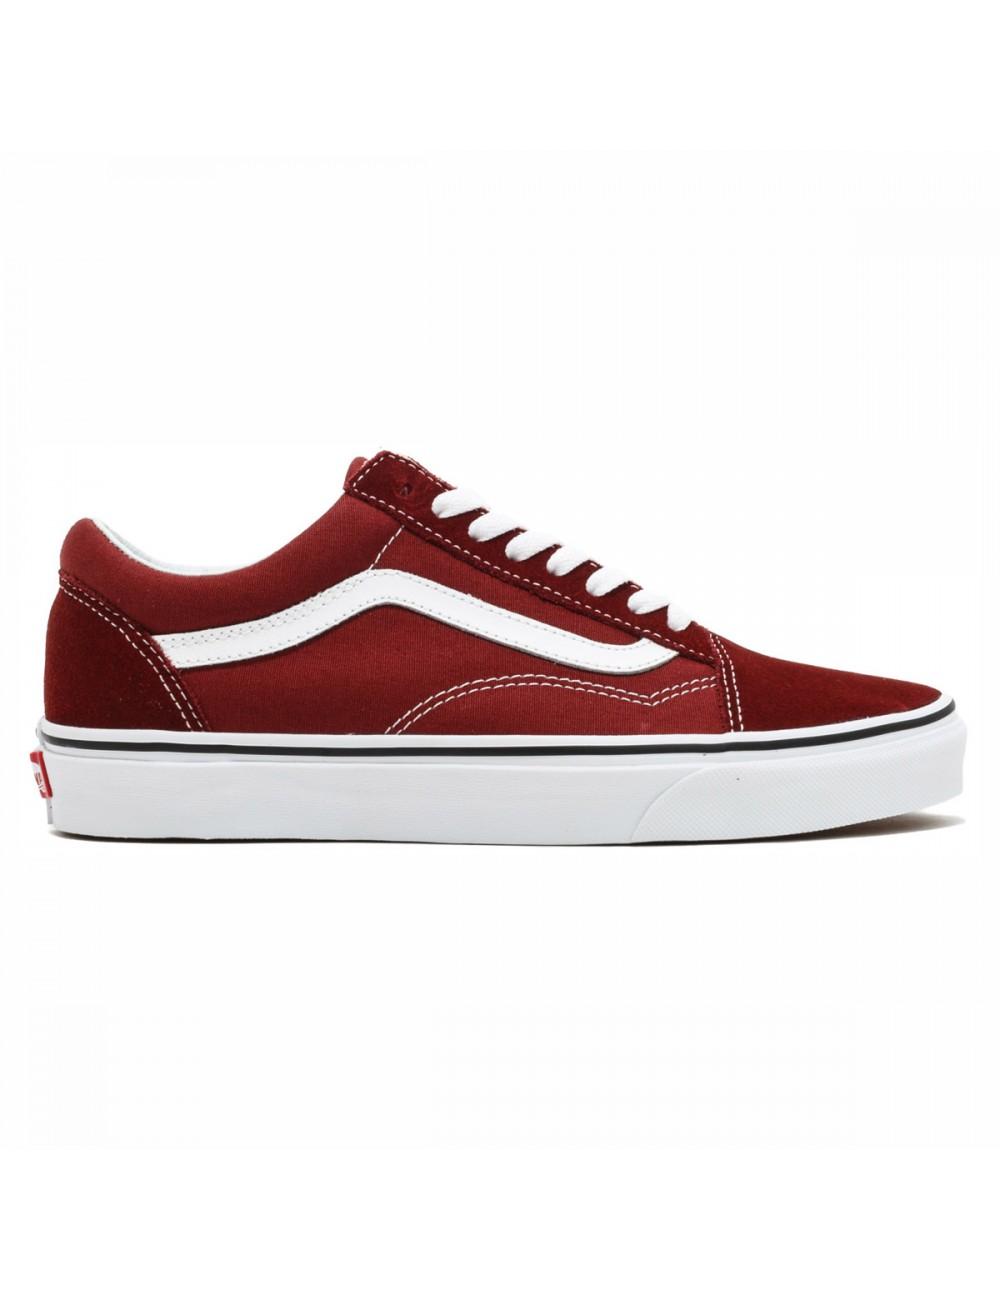 Vans Old Skool Shoes - Madder Brown_11473